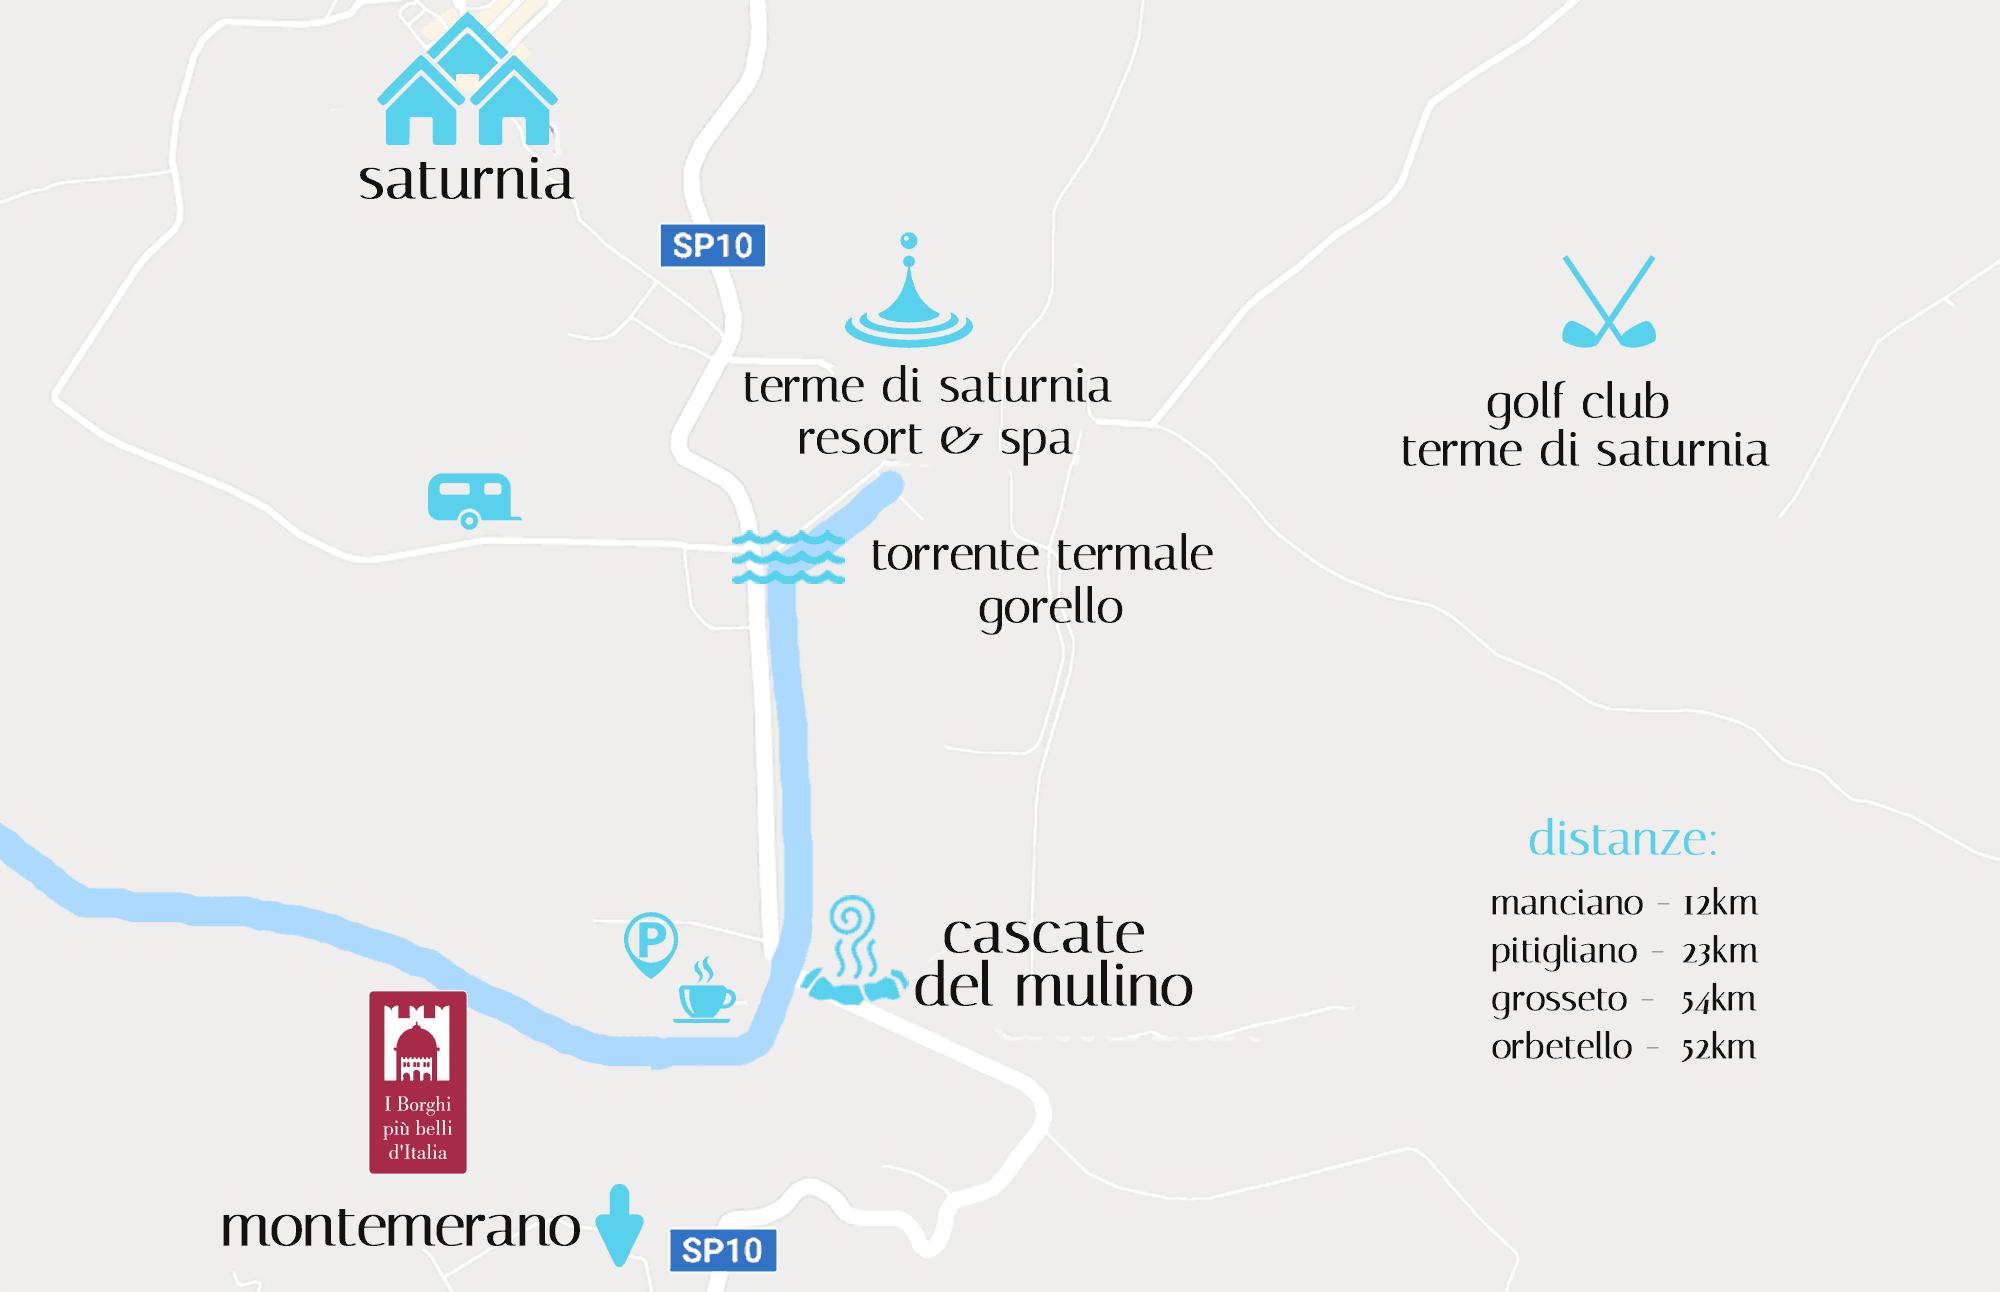 Terme Di Saturnia Libere In Toscana Cascate Del Mulino A Saturnia